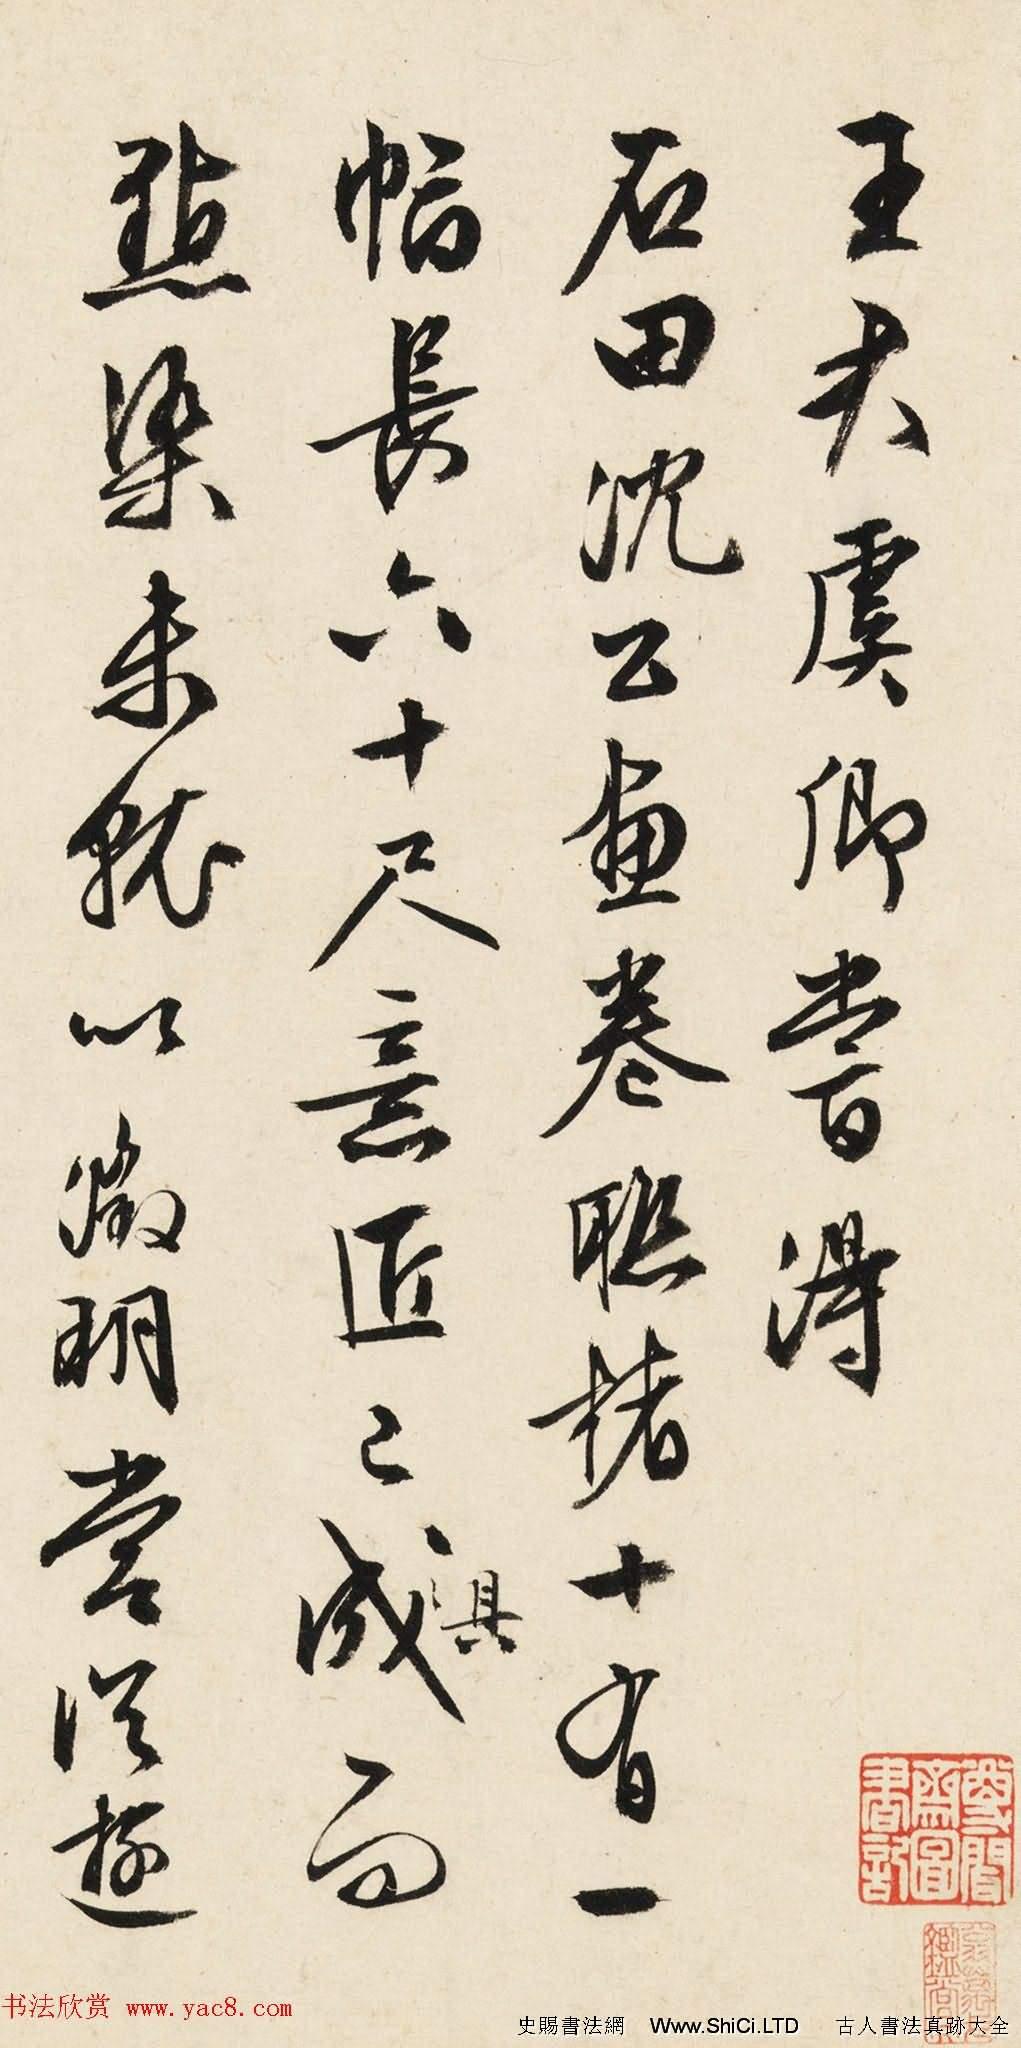 文徵明77歲書法墨跡字帖《書沈石田畫卷》(共6張圖片)